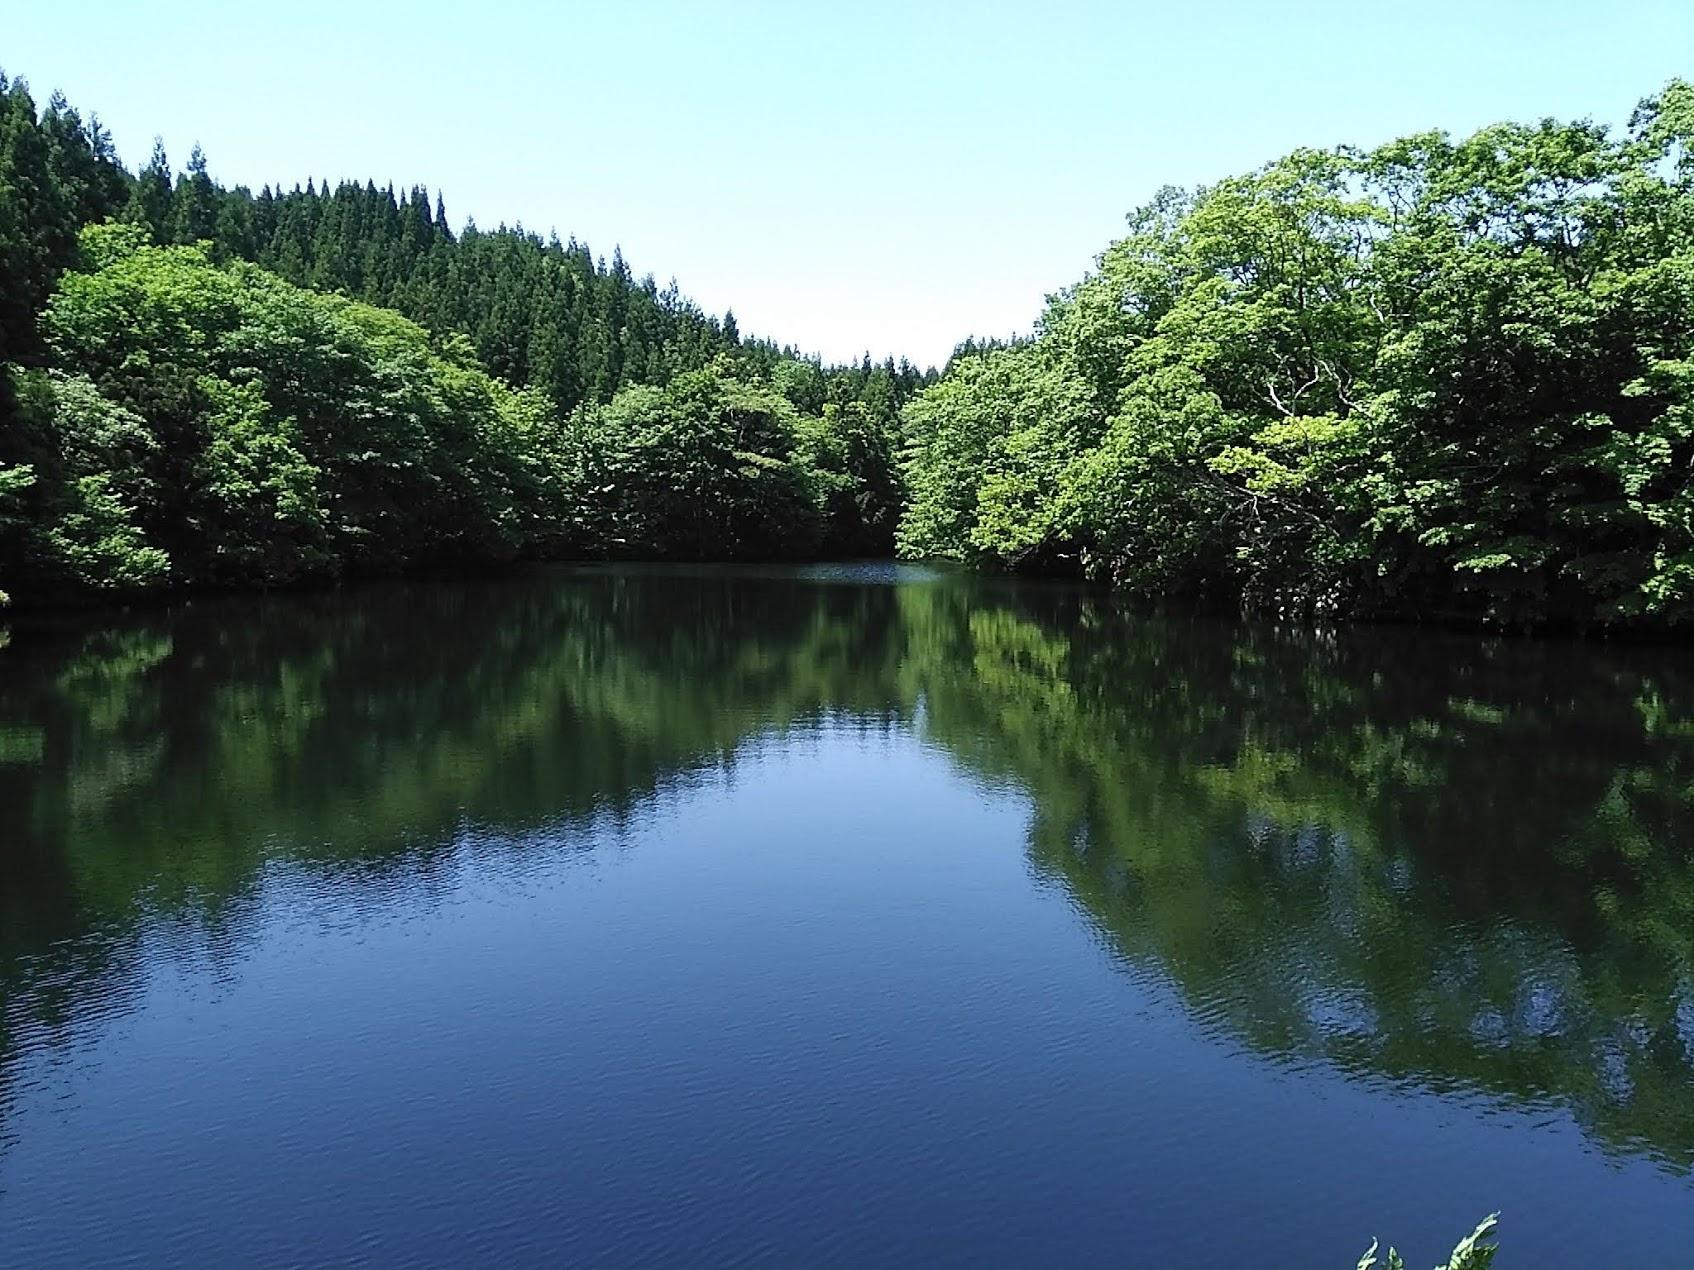 緑に囲まれたダム